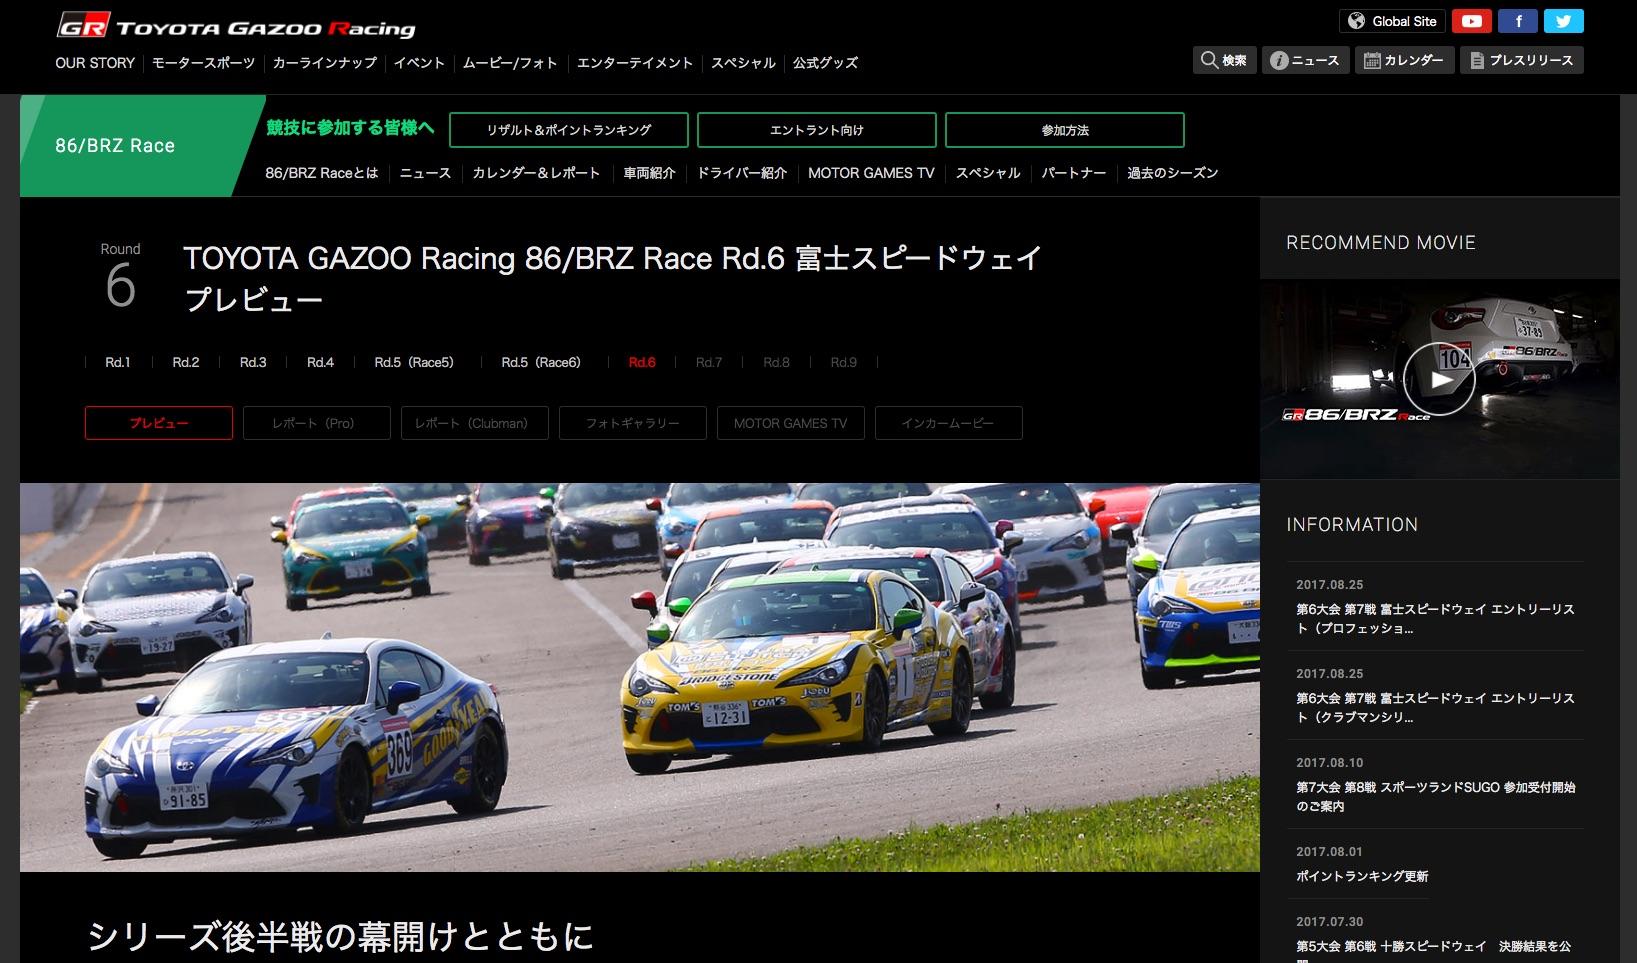 9/1-2 TOYOTA GAZOO Racing 86/BRZ Race Rd.7 @FSW